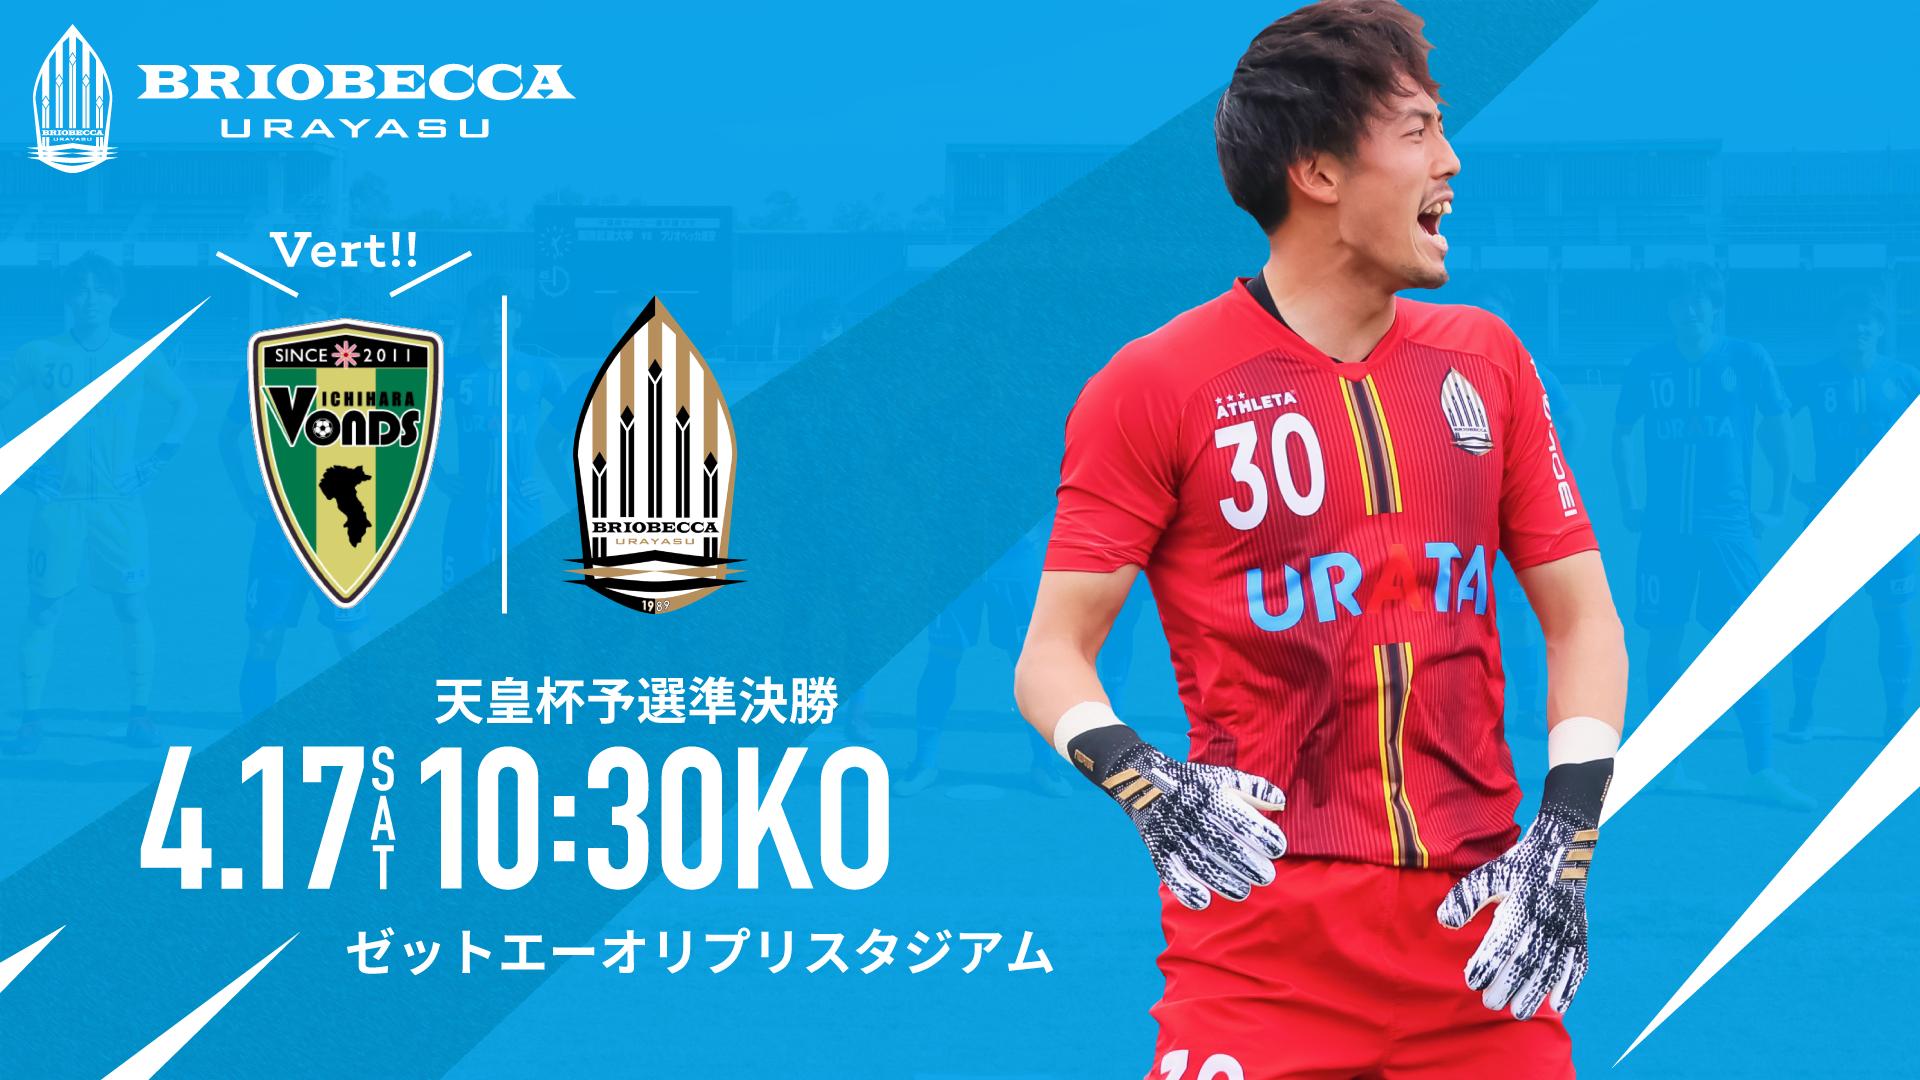 千葉県サッカー選手権大会準決勝 vs VONDS市原Vertについてのお知らせ